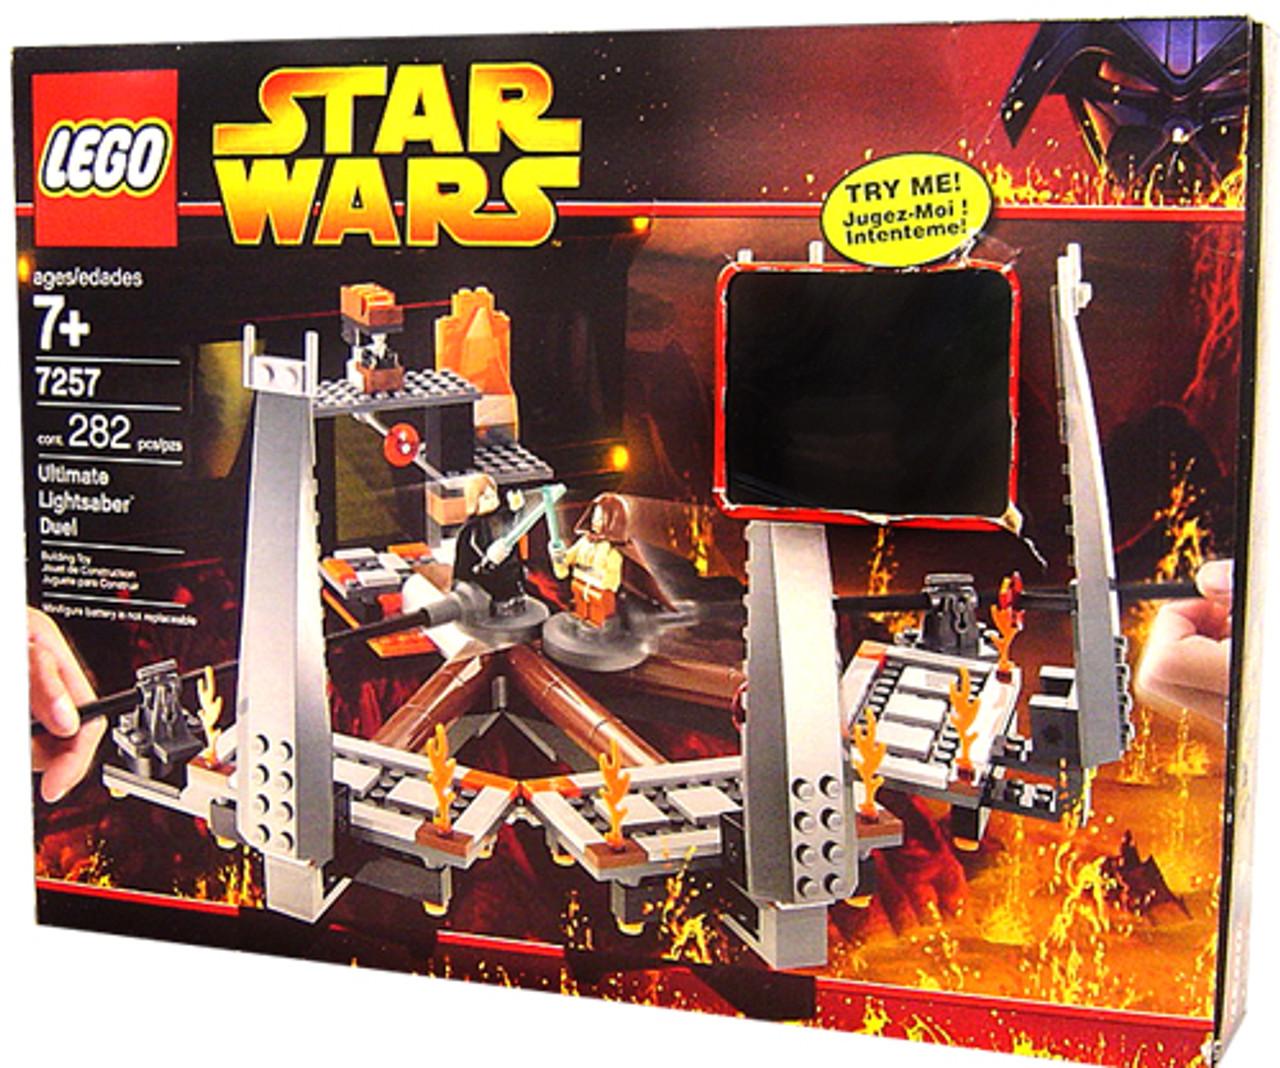 LEGO Star Wars Revenge of the Sith Ultimate Lightsaber Duel Set #7257 [Damaged Package]